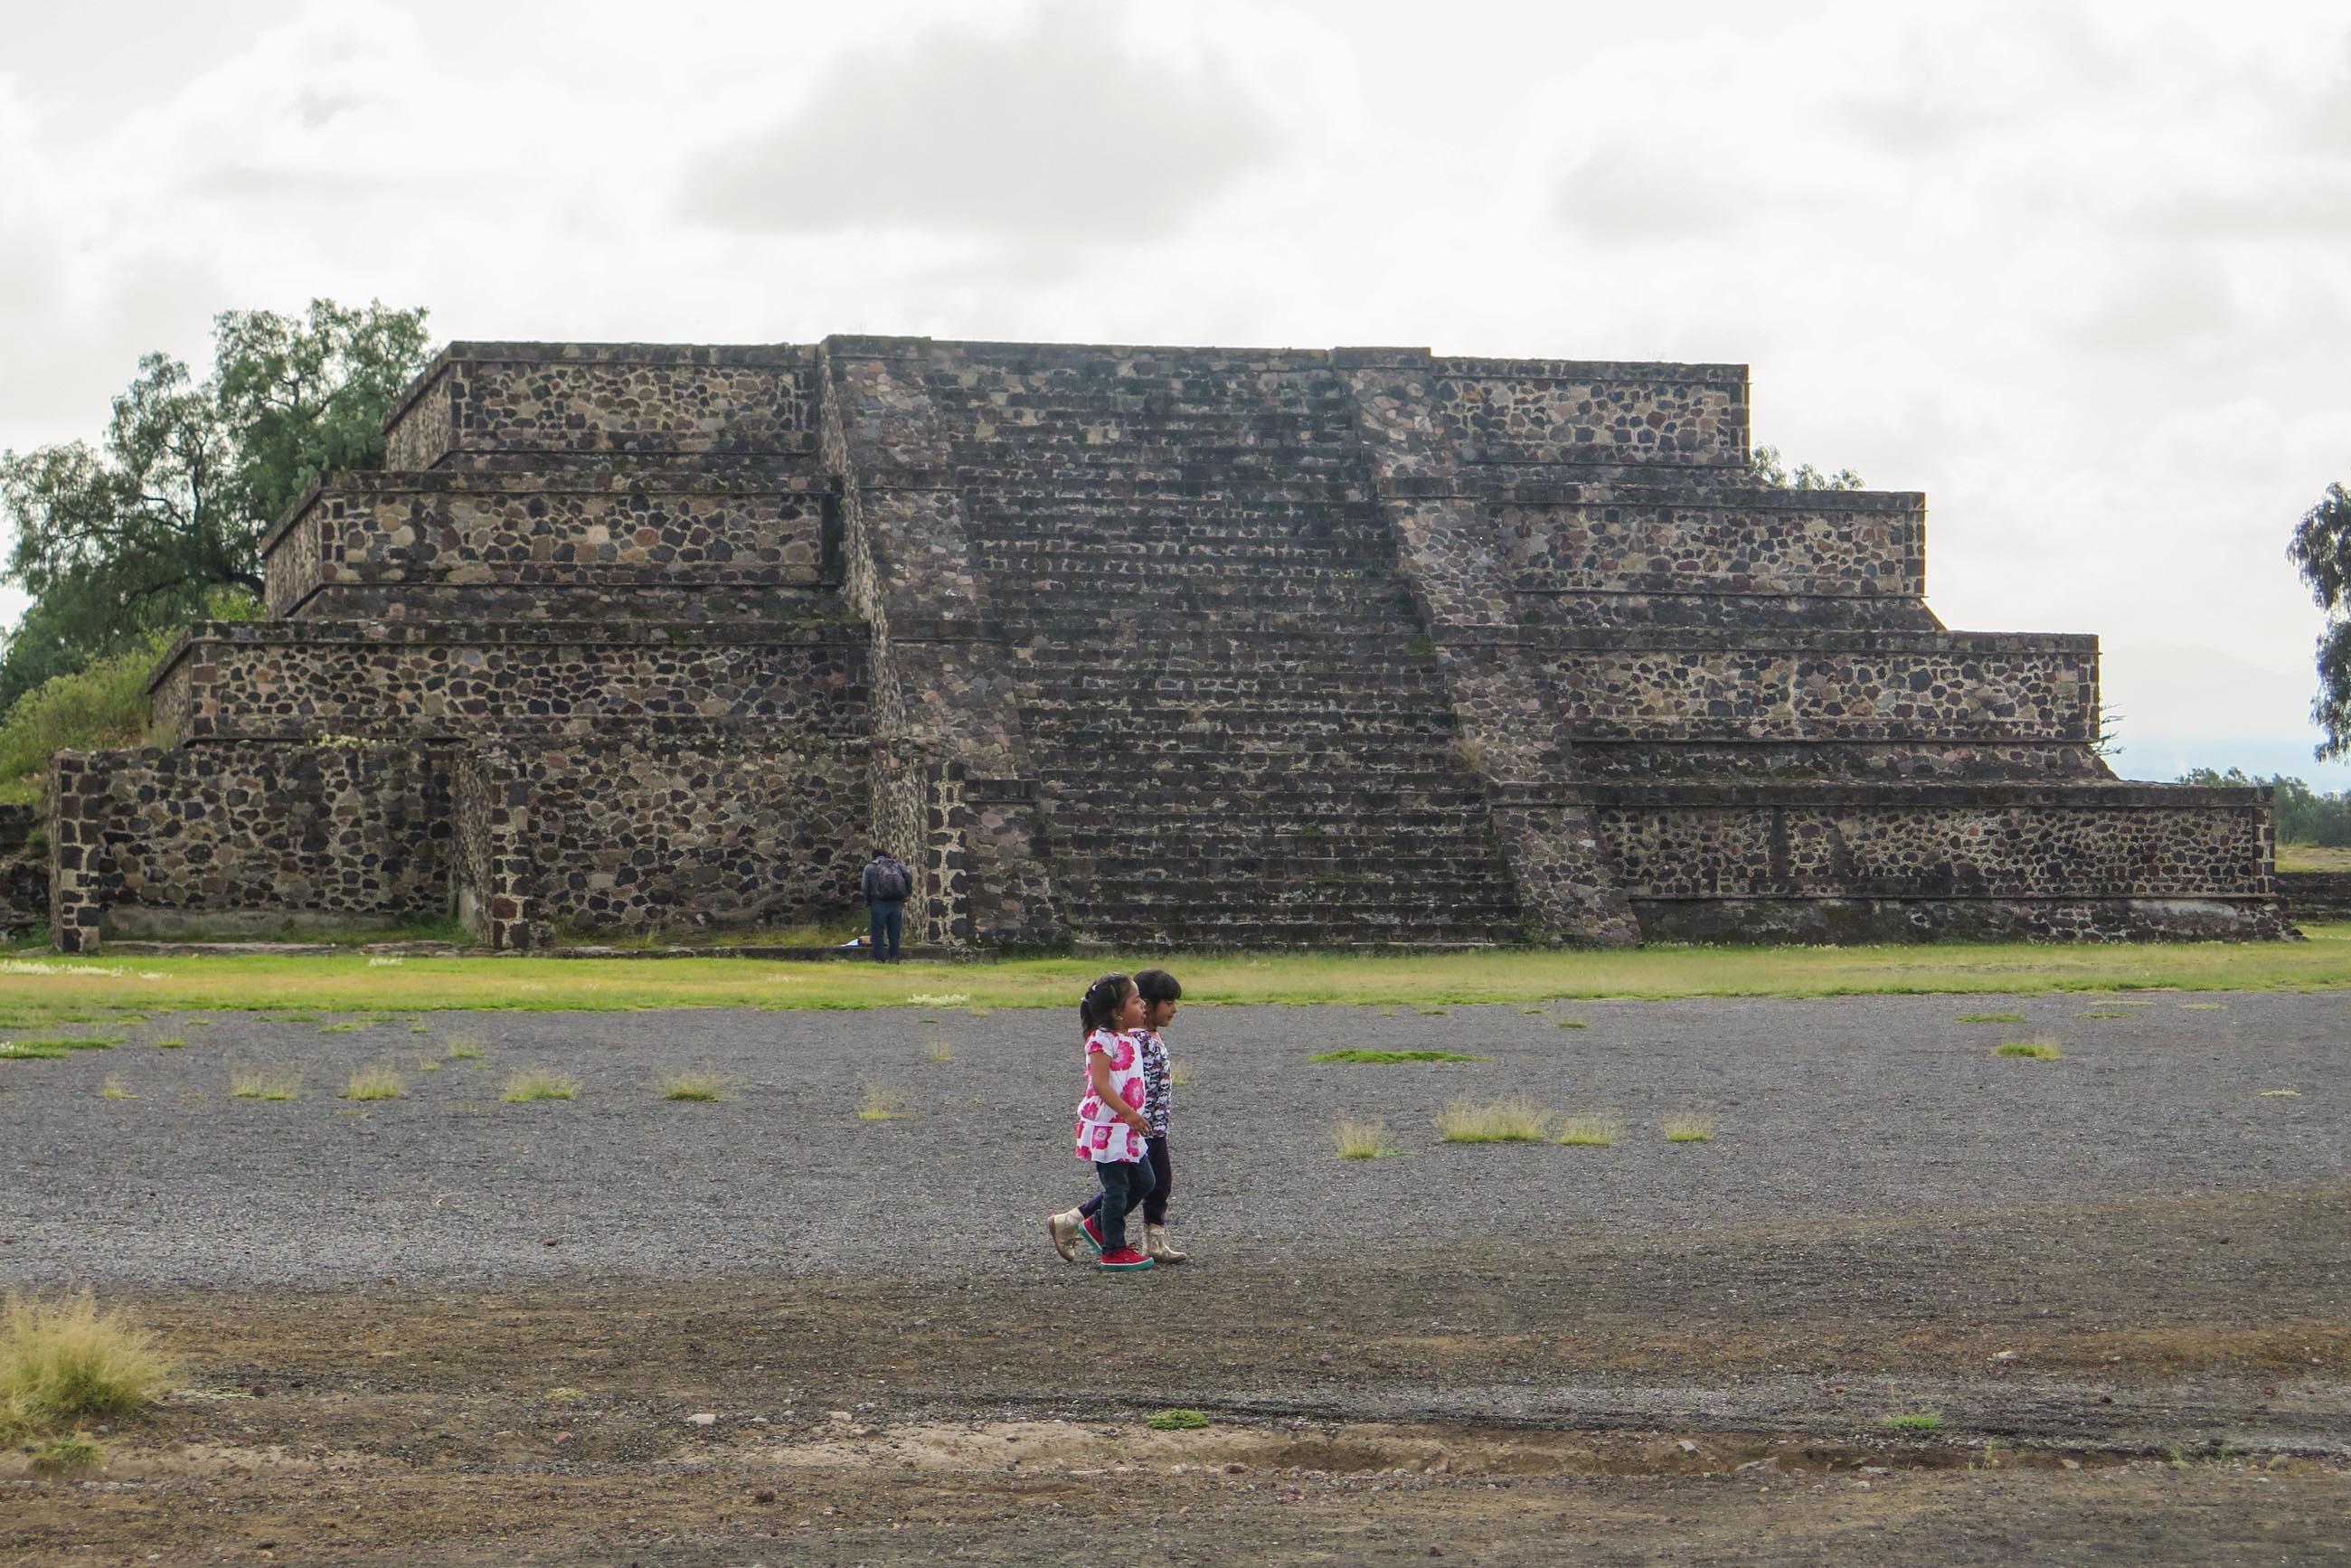 https://bubo.sk/uploads/galleries/5010/ivana_durcova_teotihuacan-2-.jpg